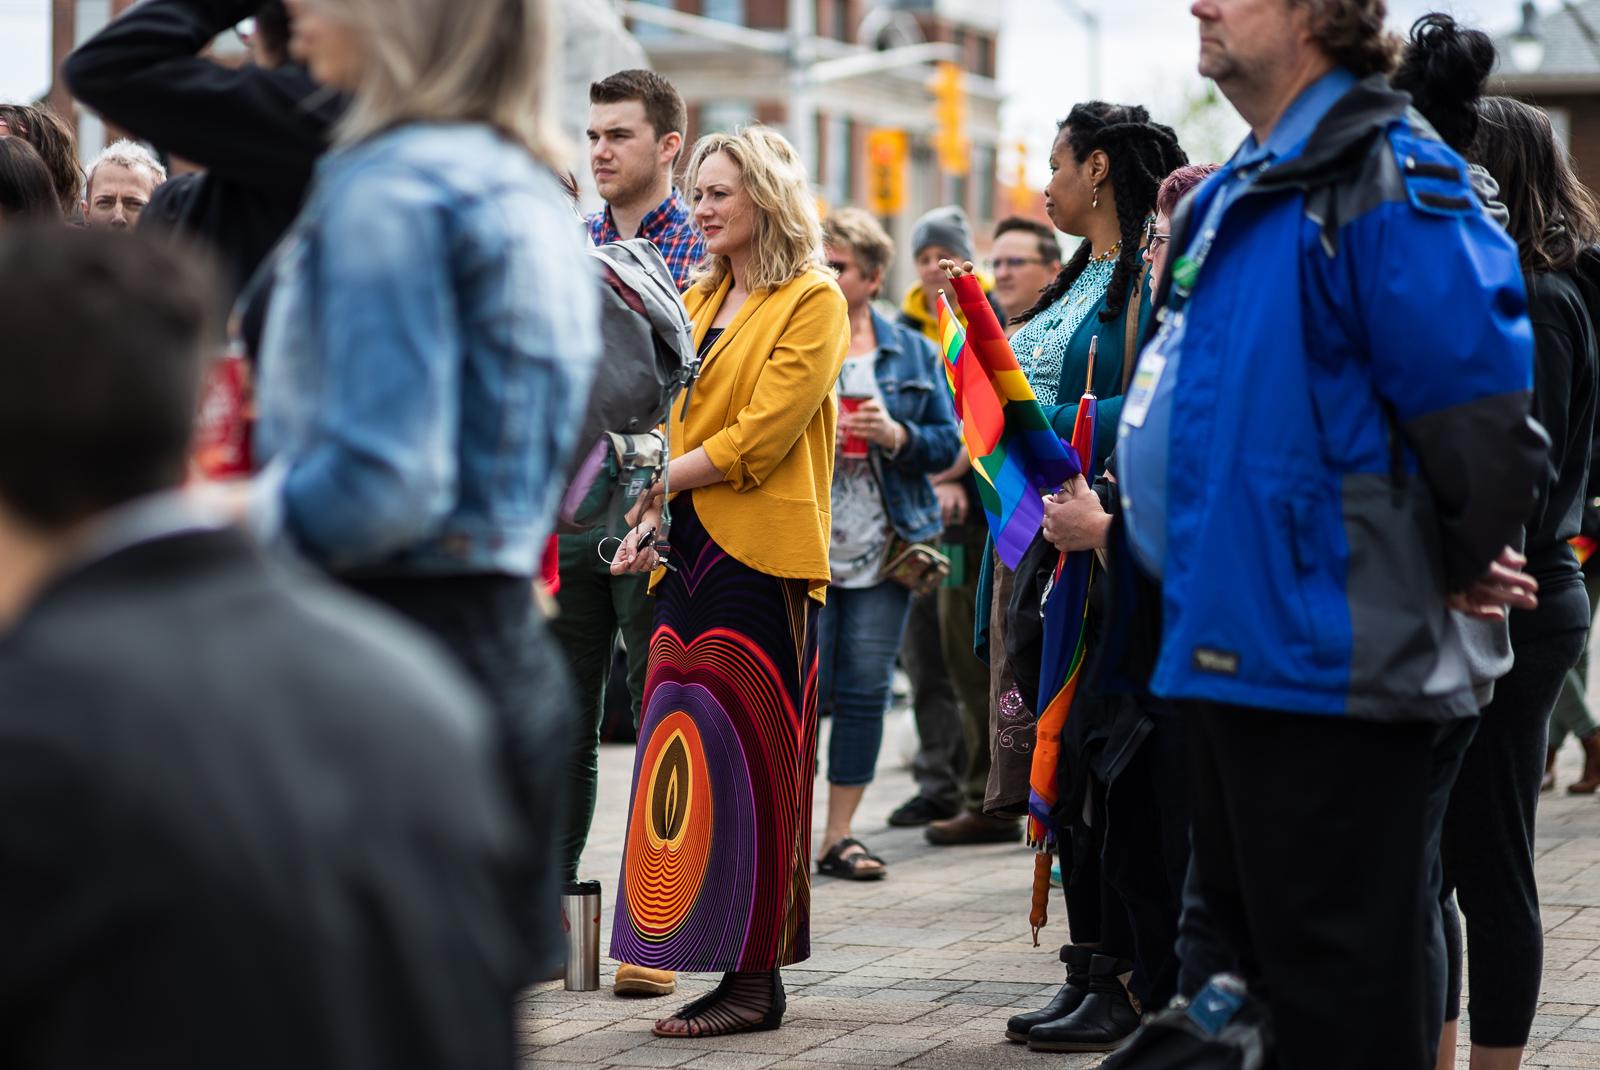 pride-2019-opening-ceremonies-blog-18.jpg